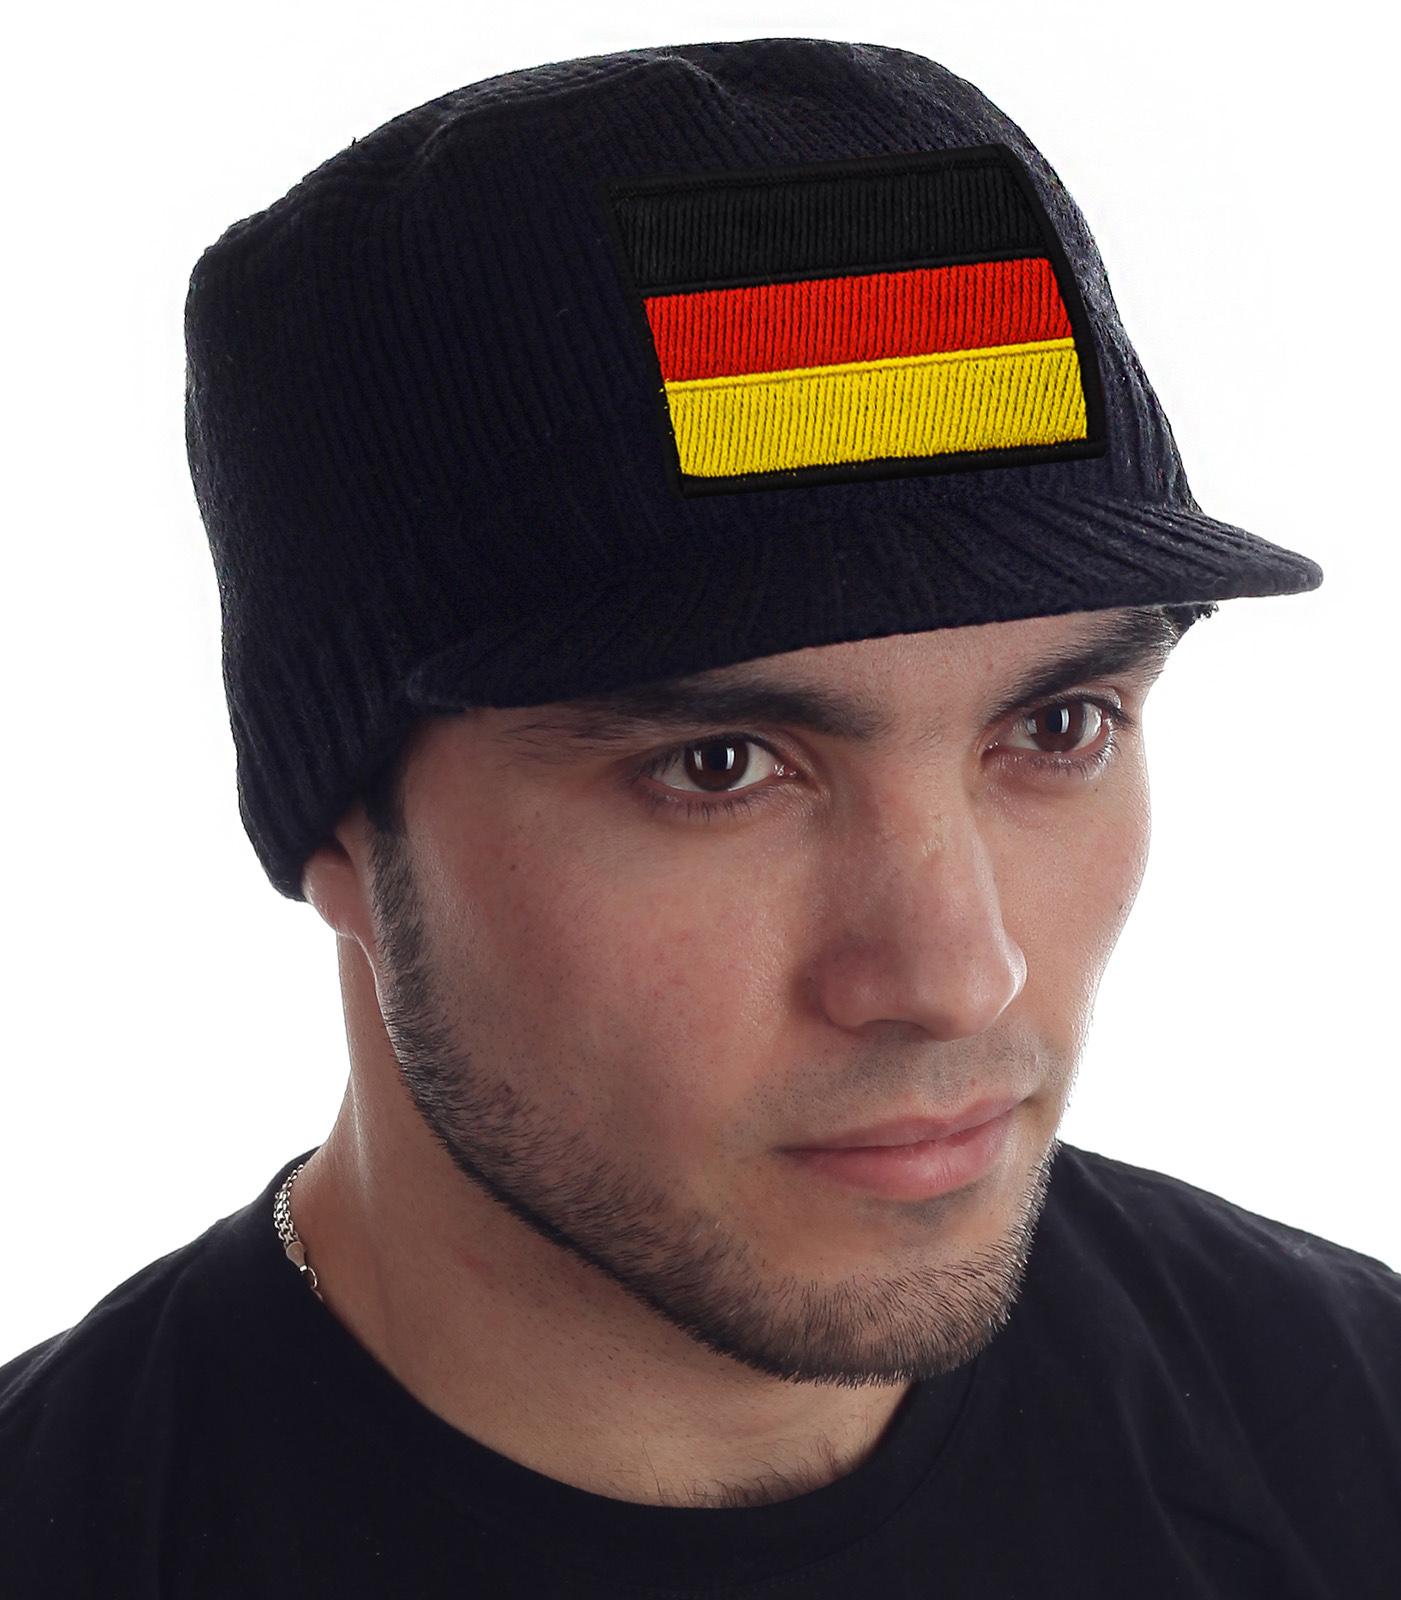 Купить модную мужскую кепку на осень-зиму. Спеши!